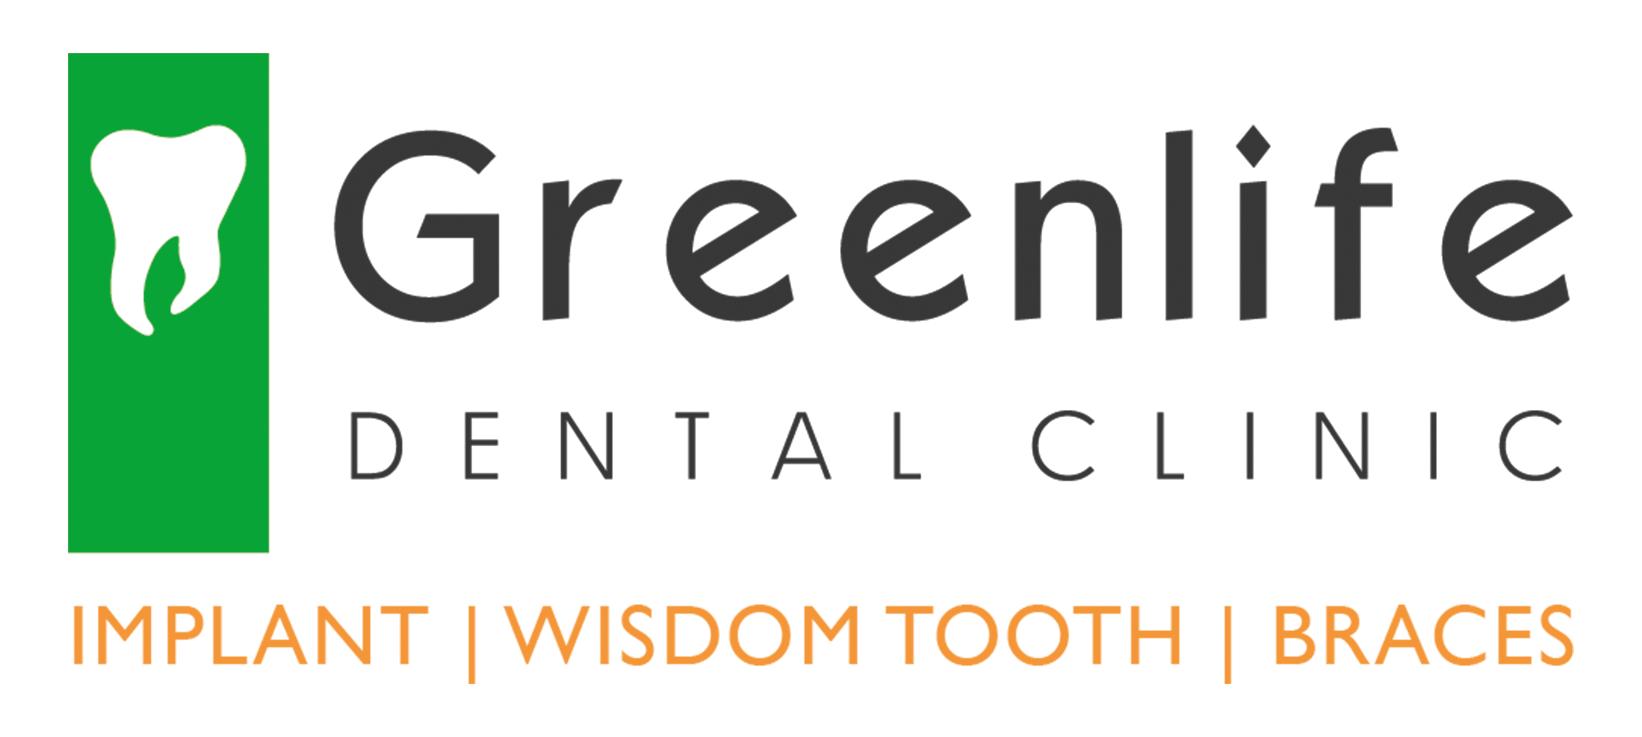 Greenlife Dental